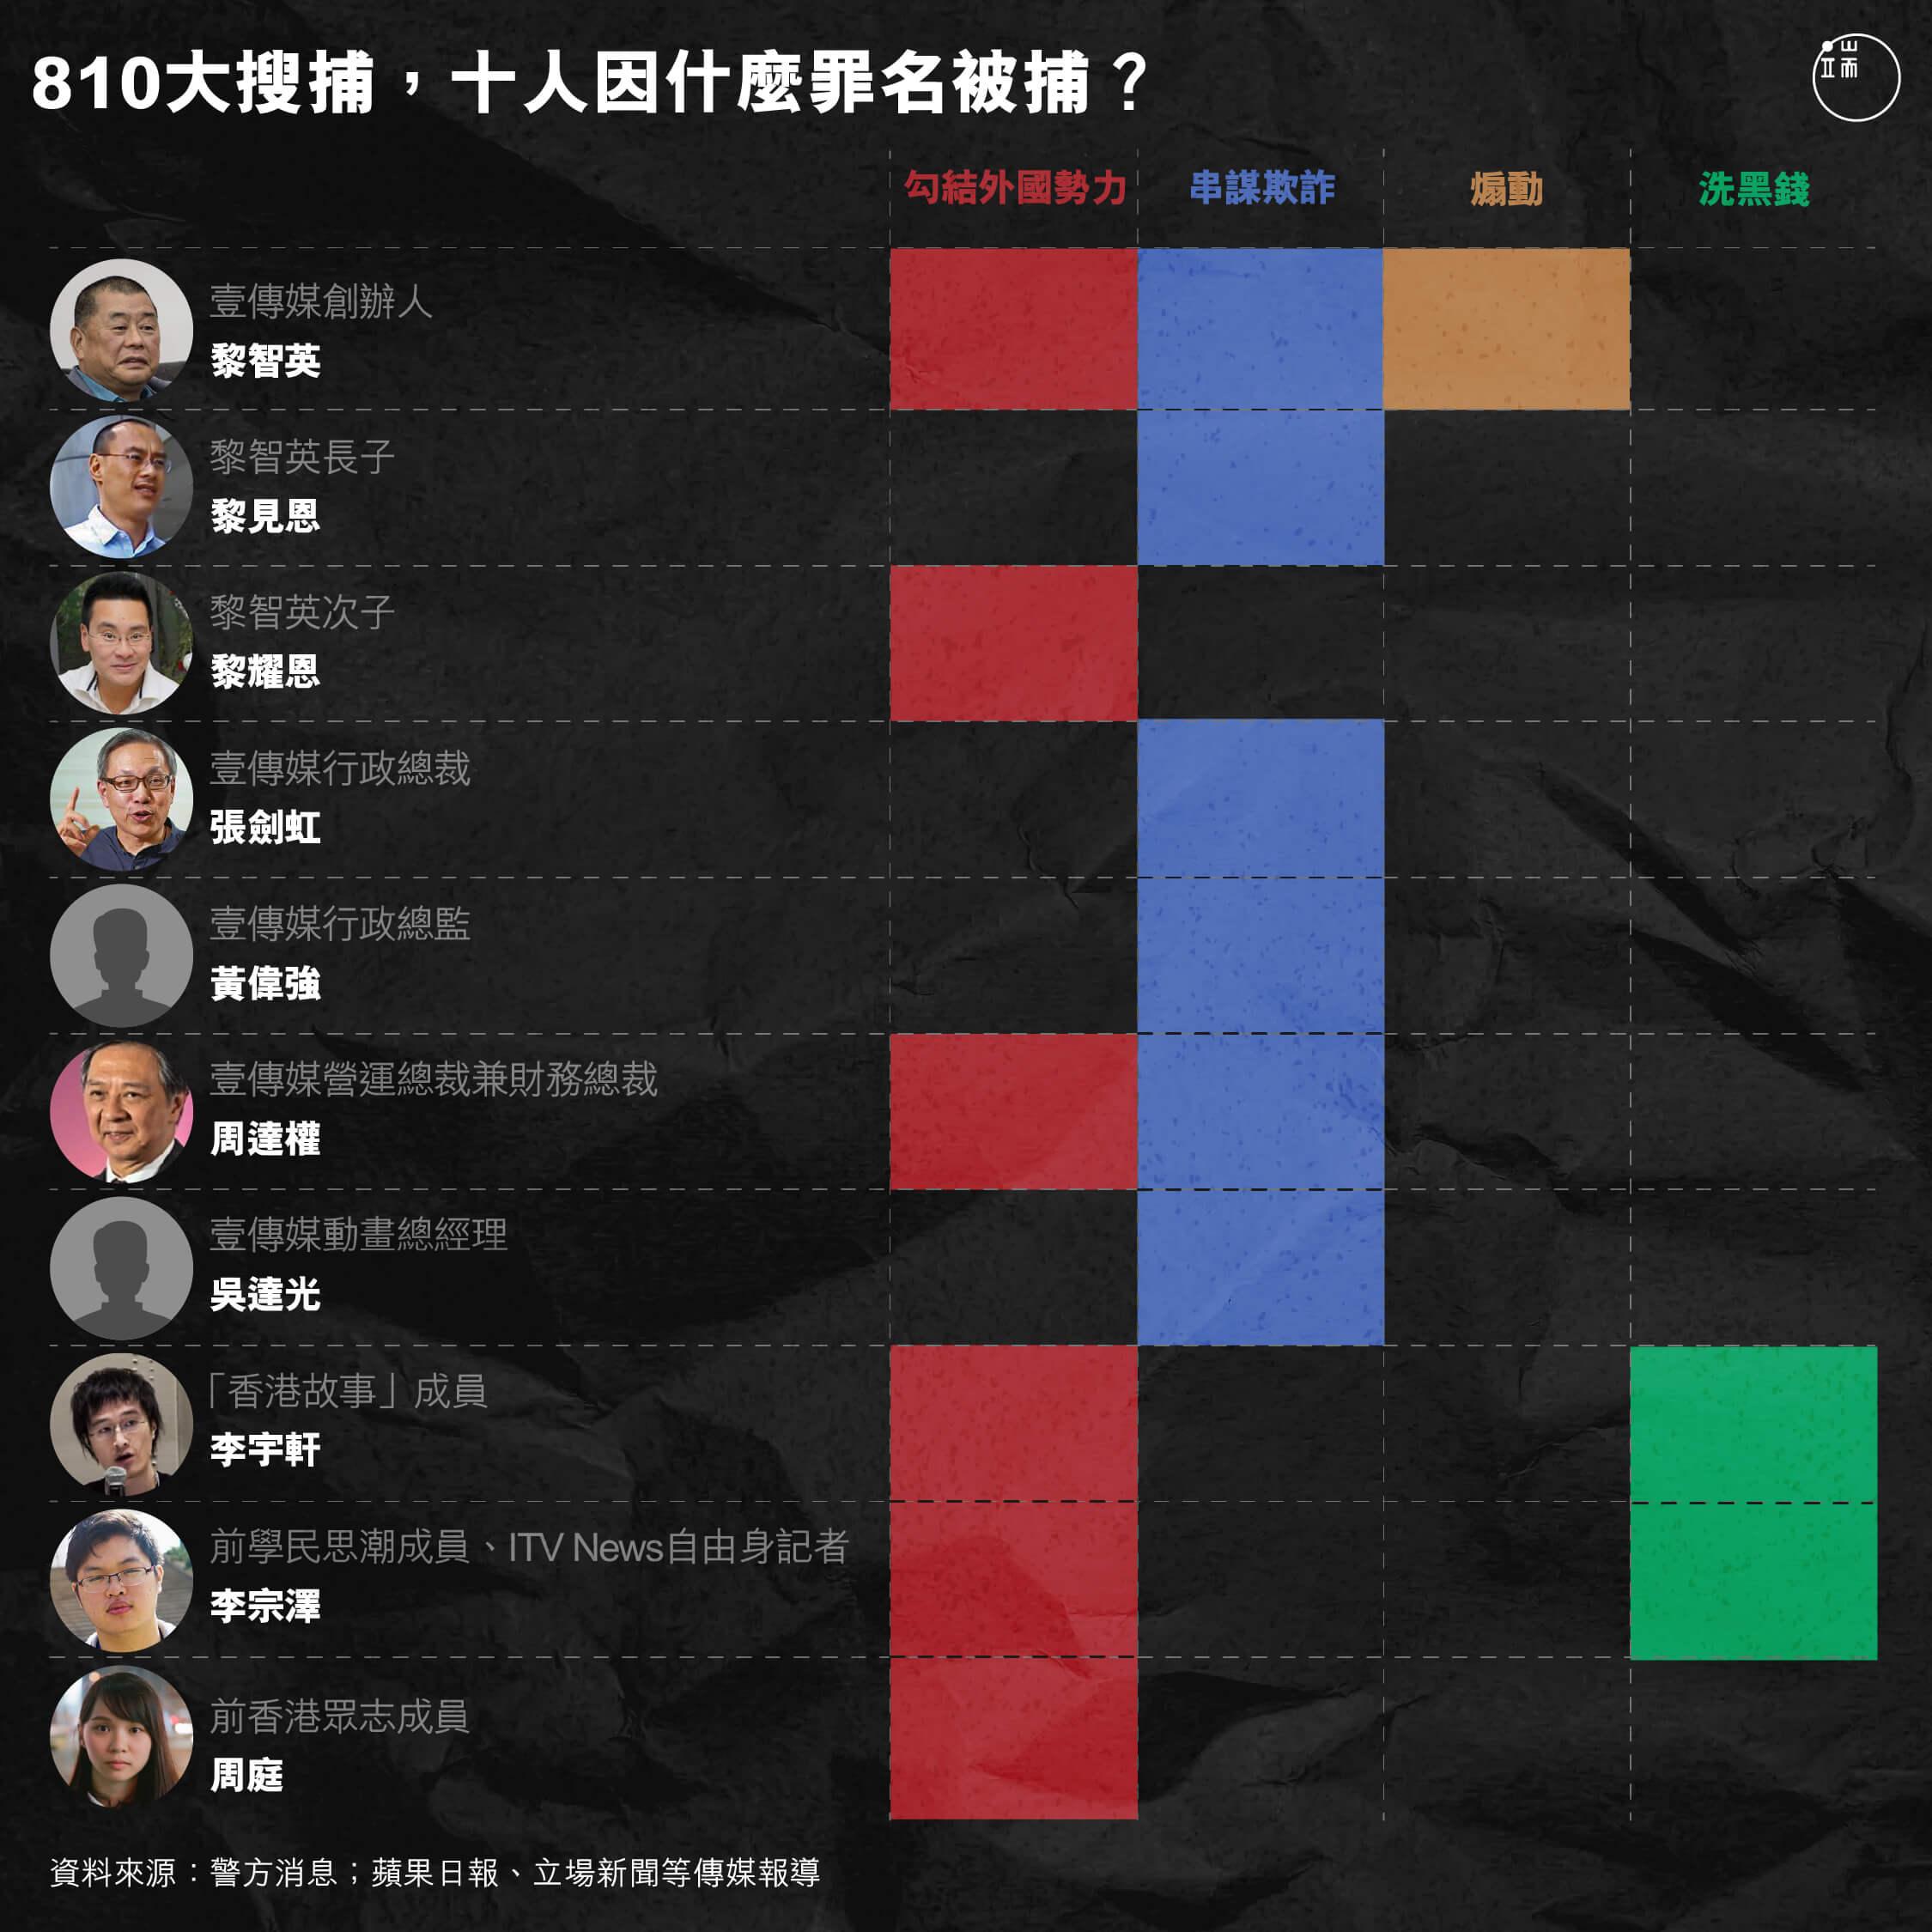 2020年8月10日,壹傳媒創辦人黎智英、前香港眾志成員周庭等10人被捕。